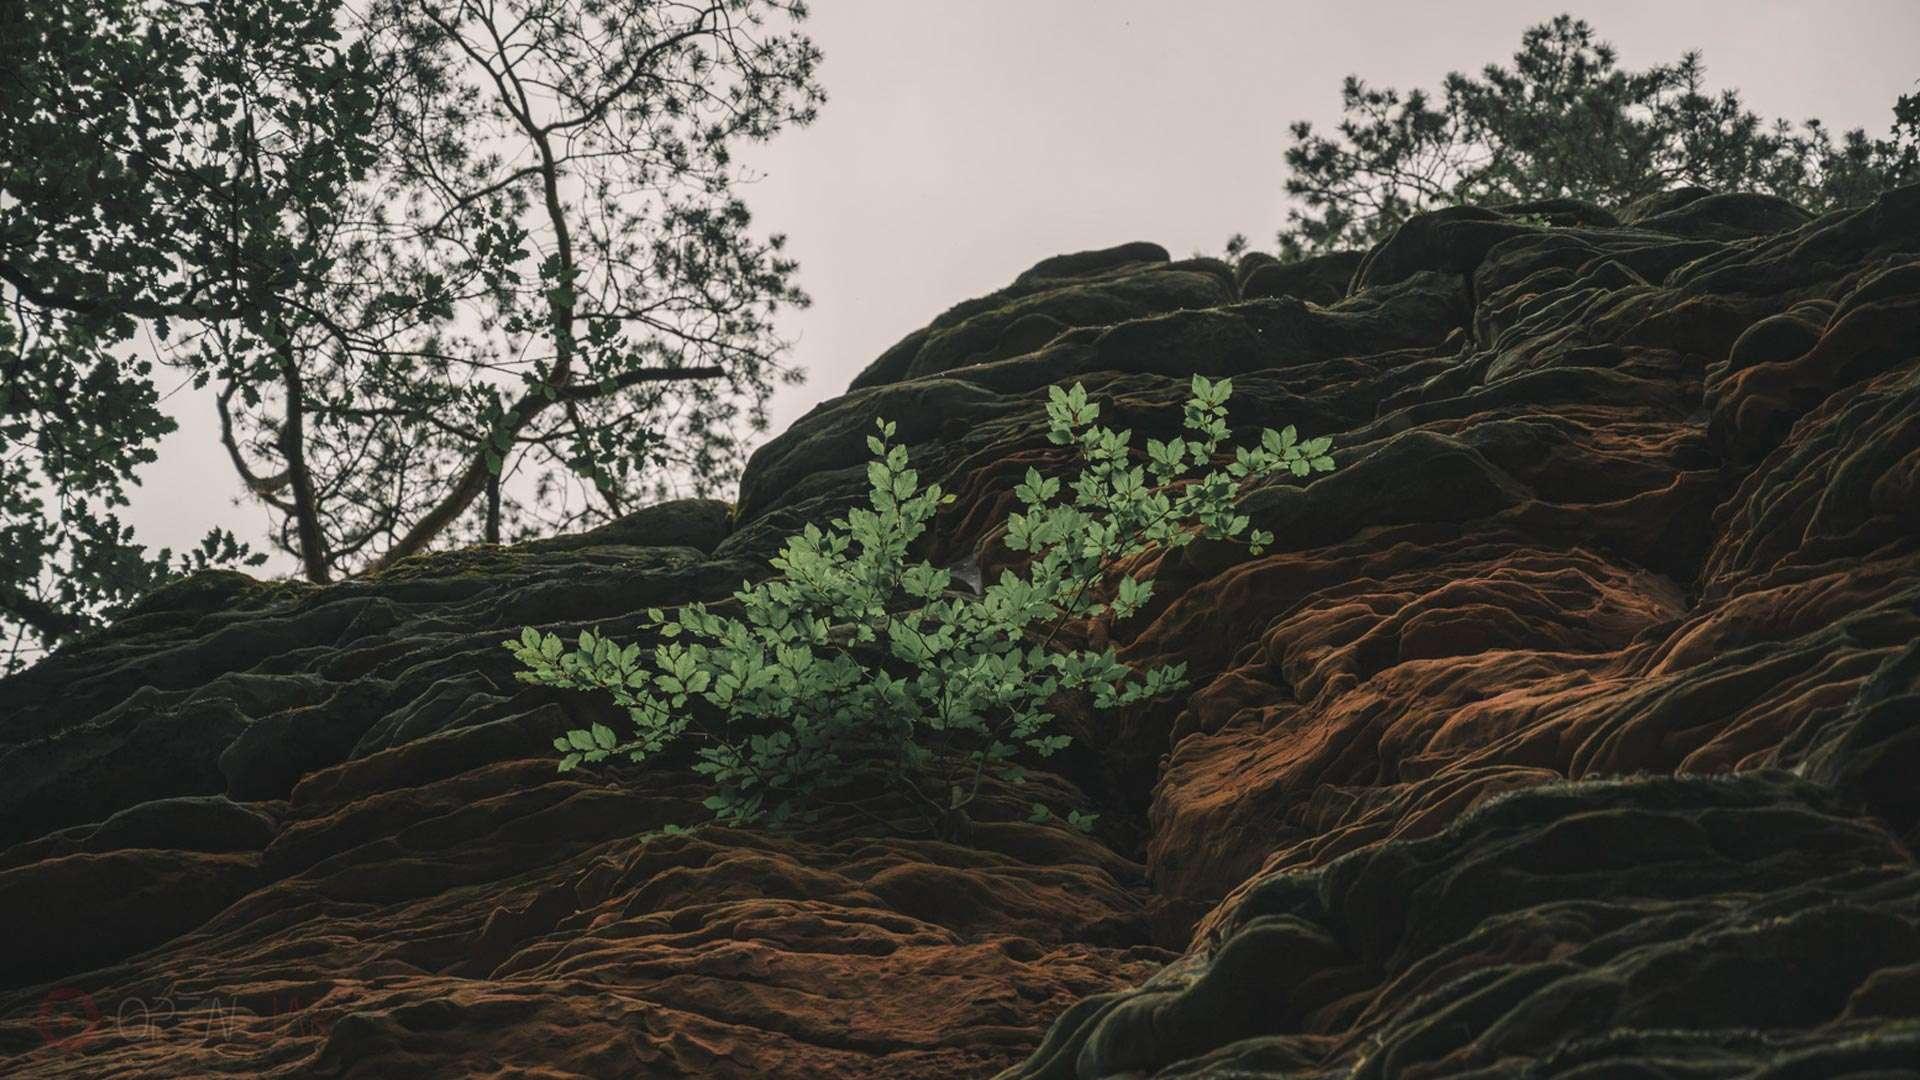 Ein Baum wächst auf einem Felsen.